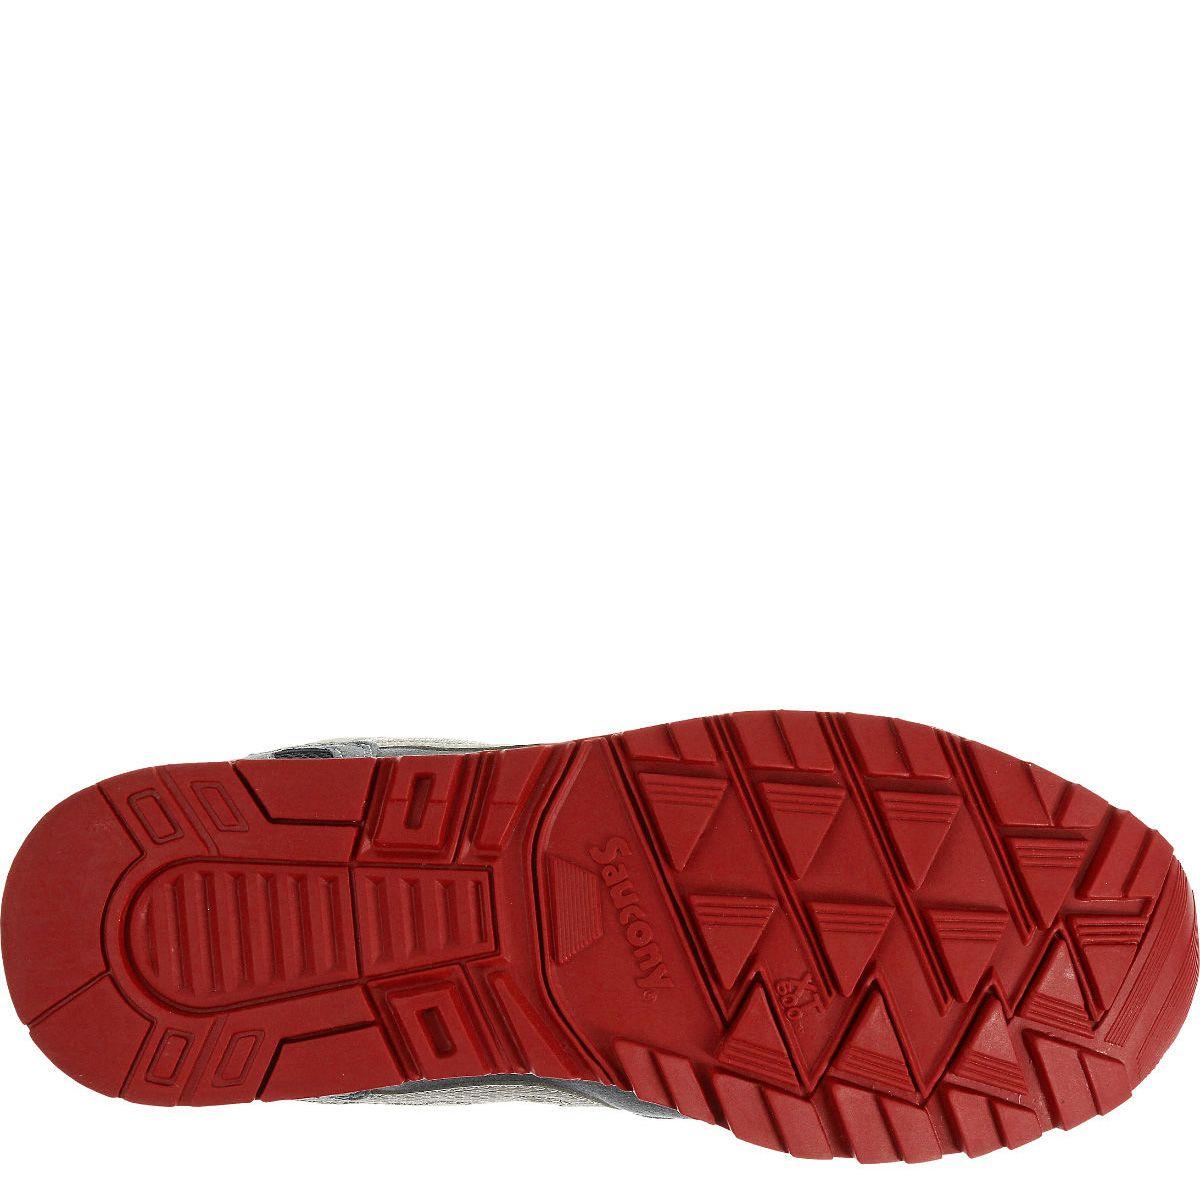 Мужские кроссовки Saucony Shadow 5000 серые с красной подошвой